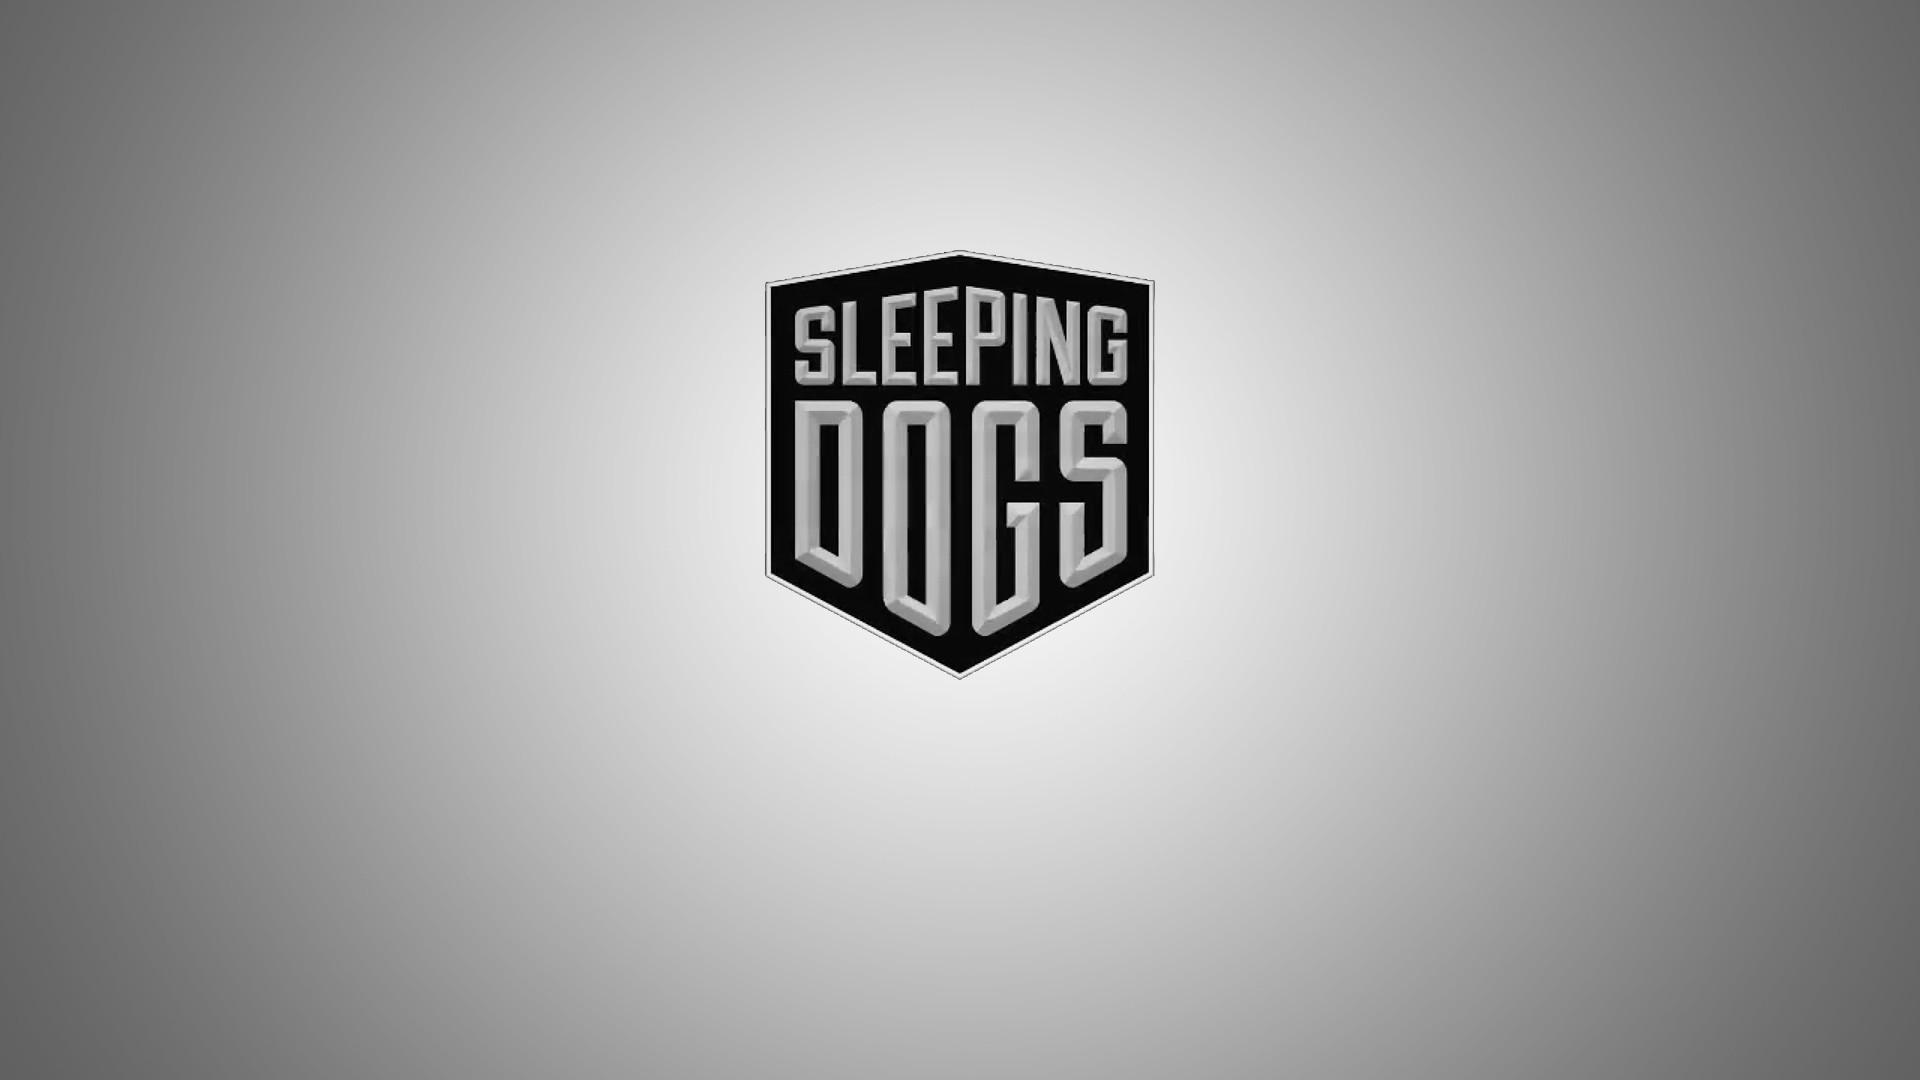 Sleeping dogs wallpaper 15634 PC en 1920x1080